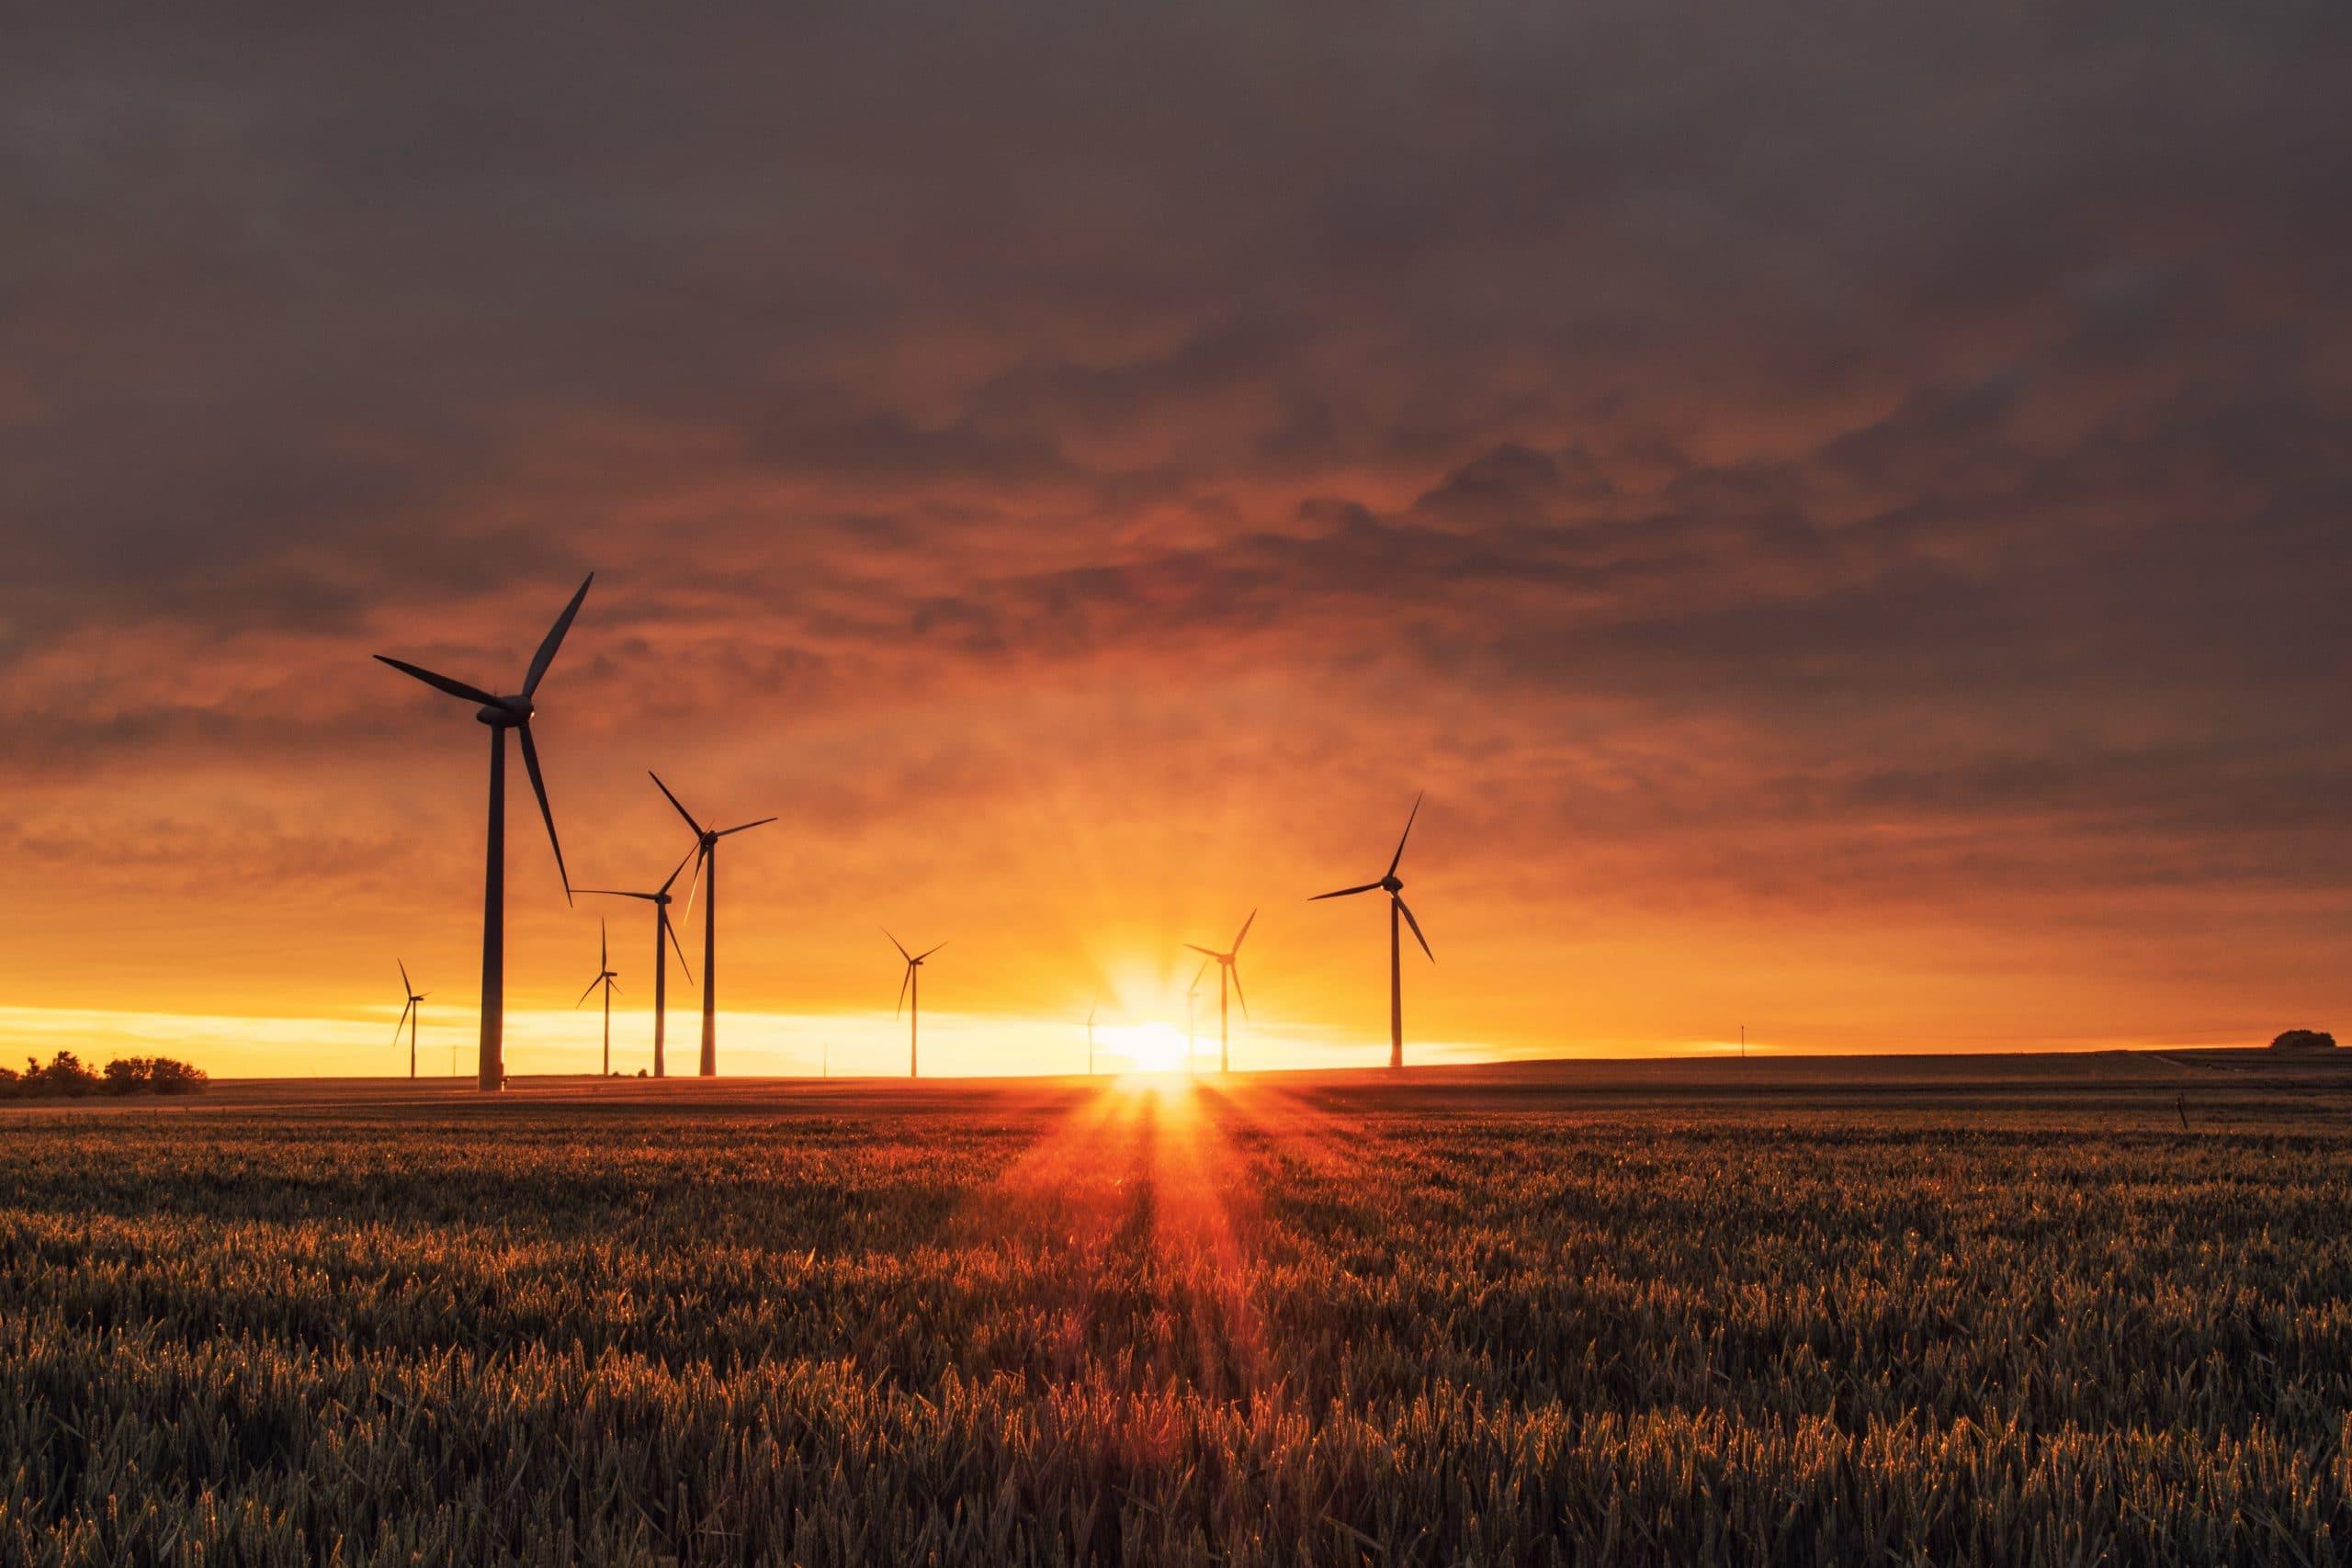 Campo com vários moinhos de vento sob o pôr-do-sol no horizonte, transmitindo luz e energia.